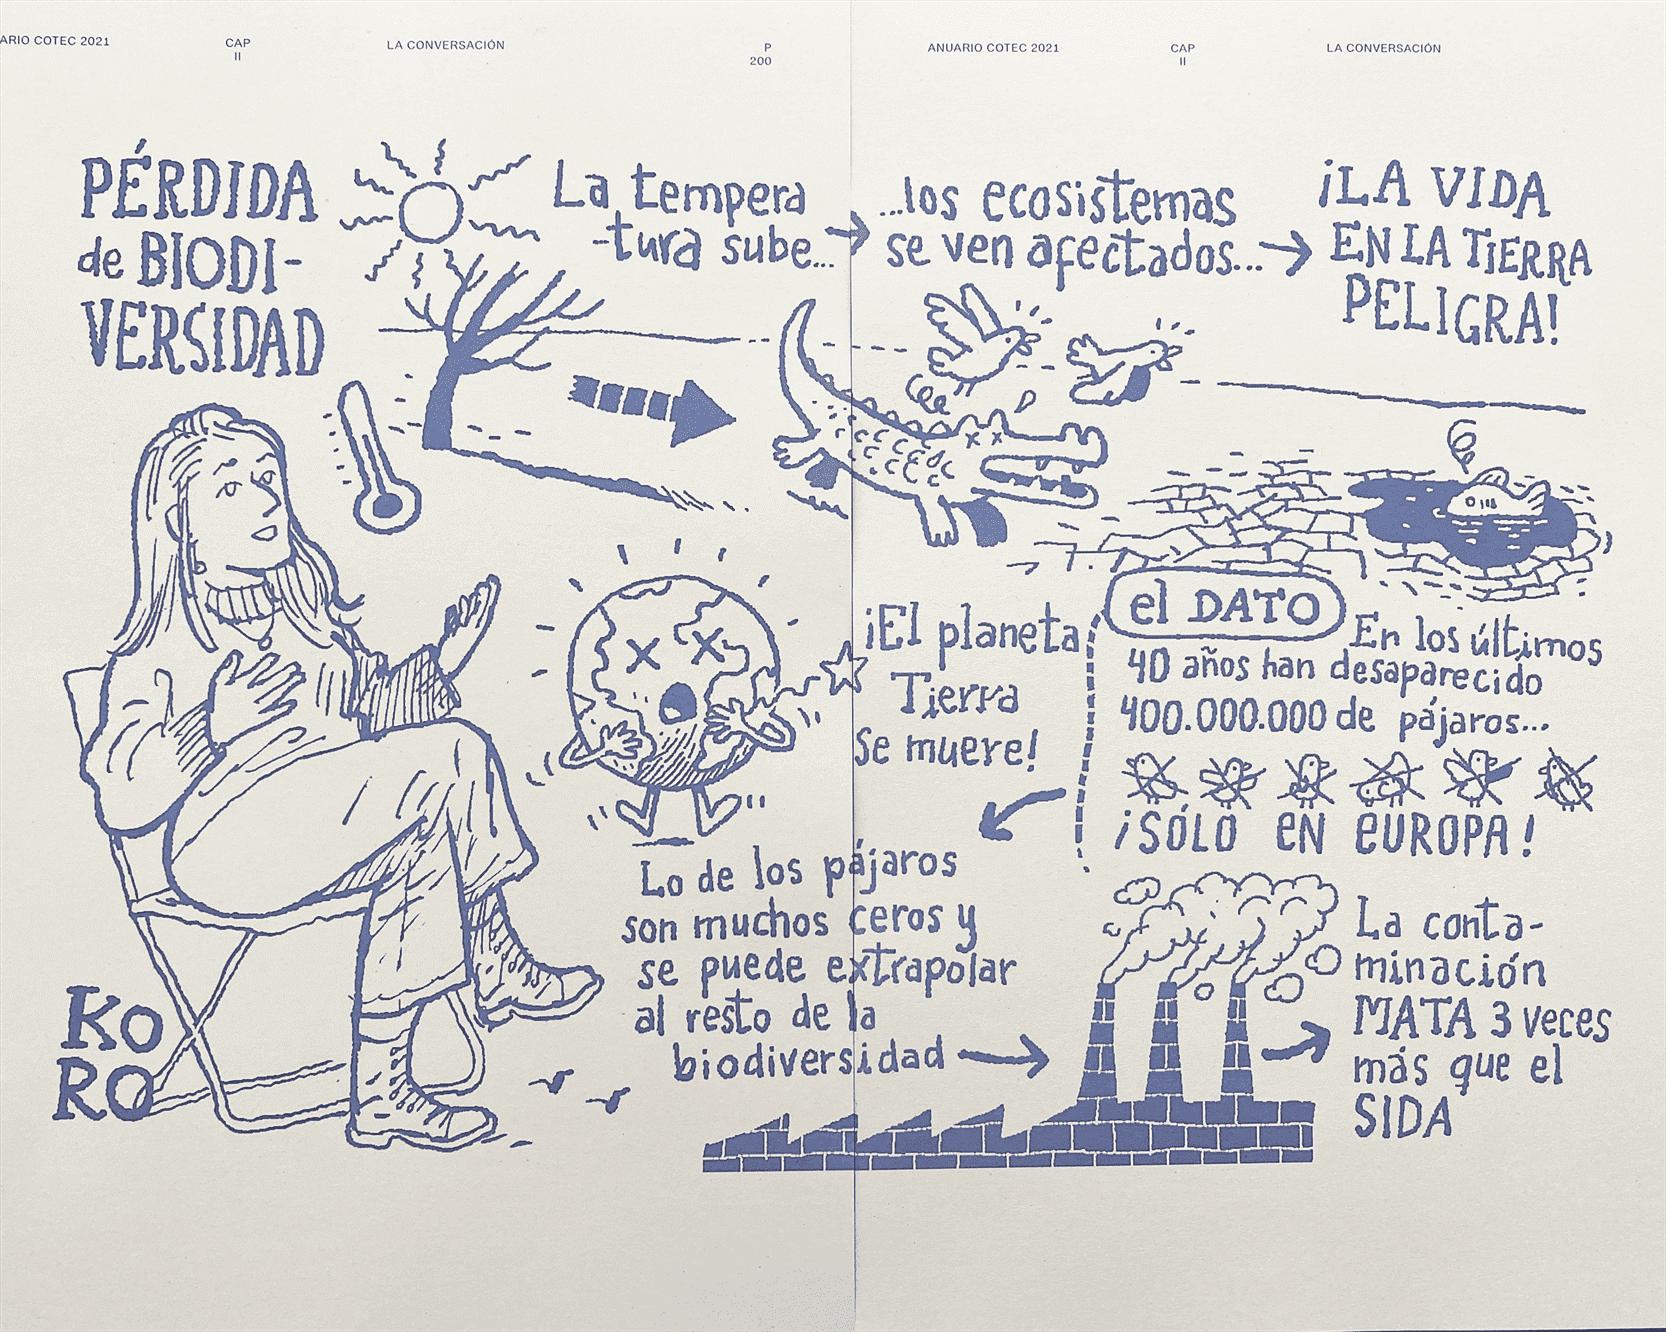 La Conversación, Informe COTEC 2021